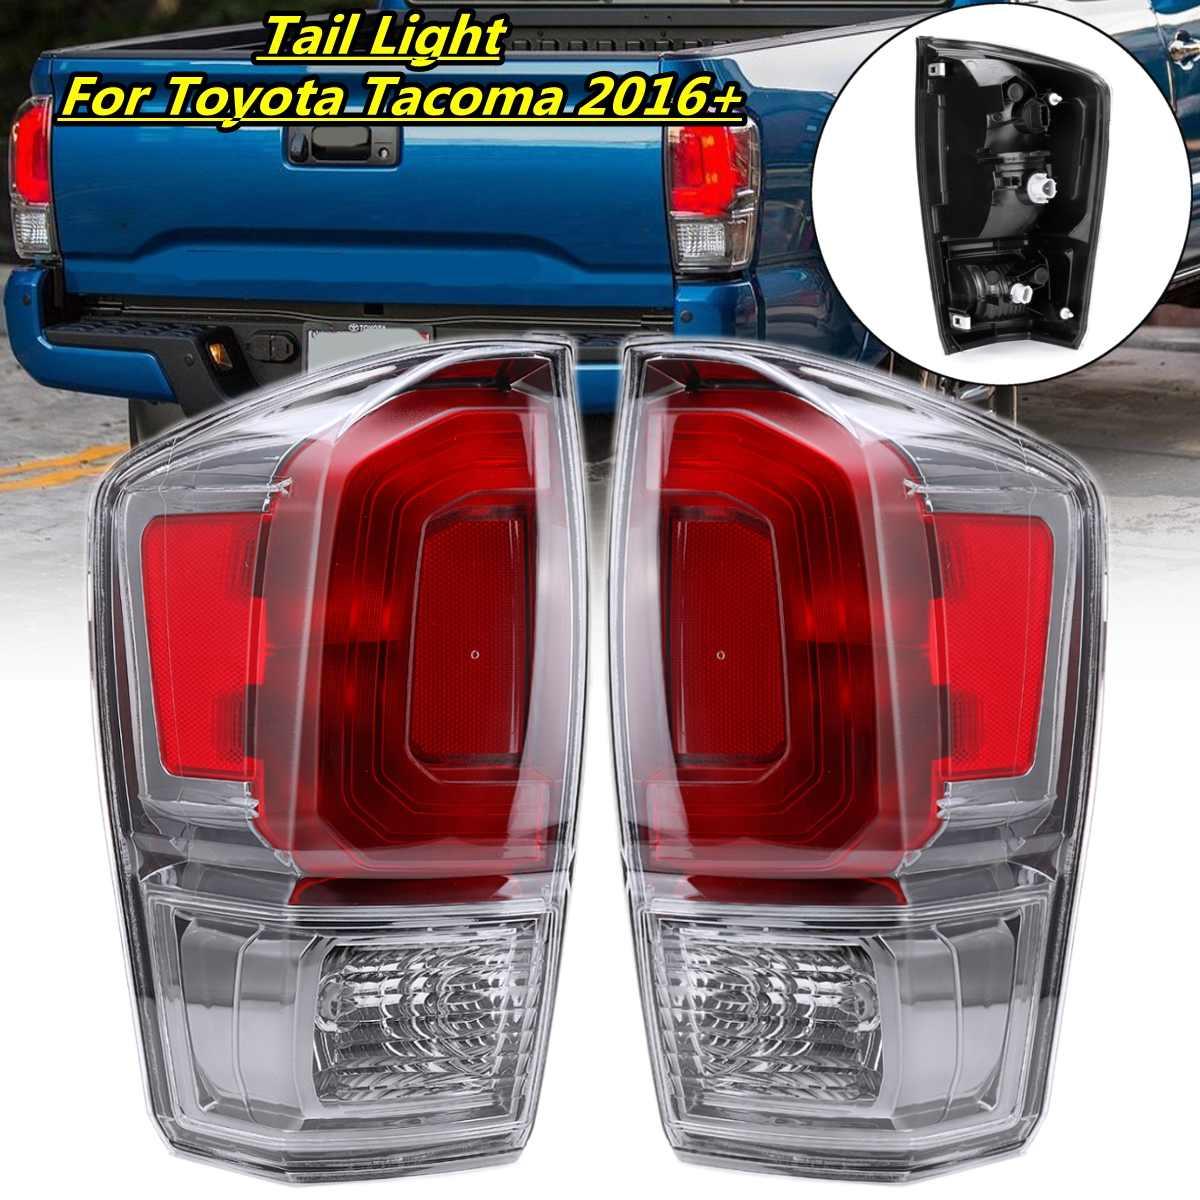 1PCS 12V Rear Tail Light Brake Lamp Red Tail Light Lamp For Toyota Tacoma Pickup 2016 2017 2018 2019 L 81560 04190,R 81550 04190